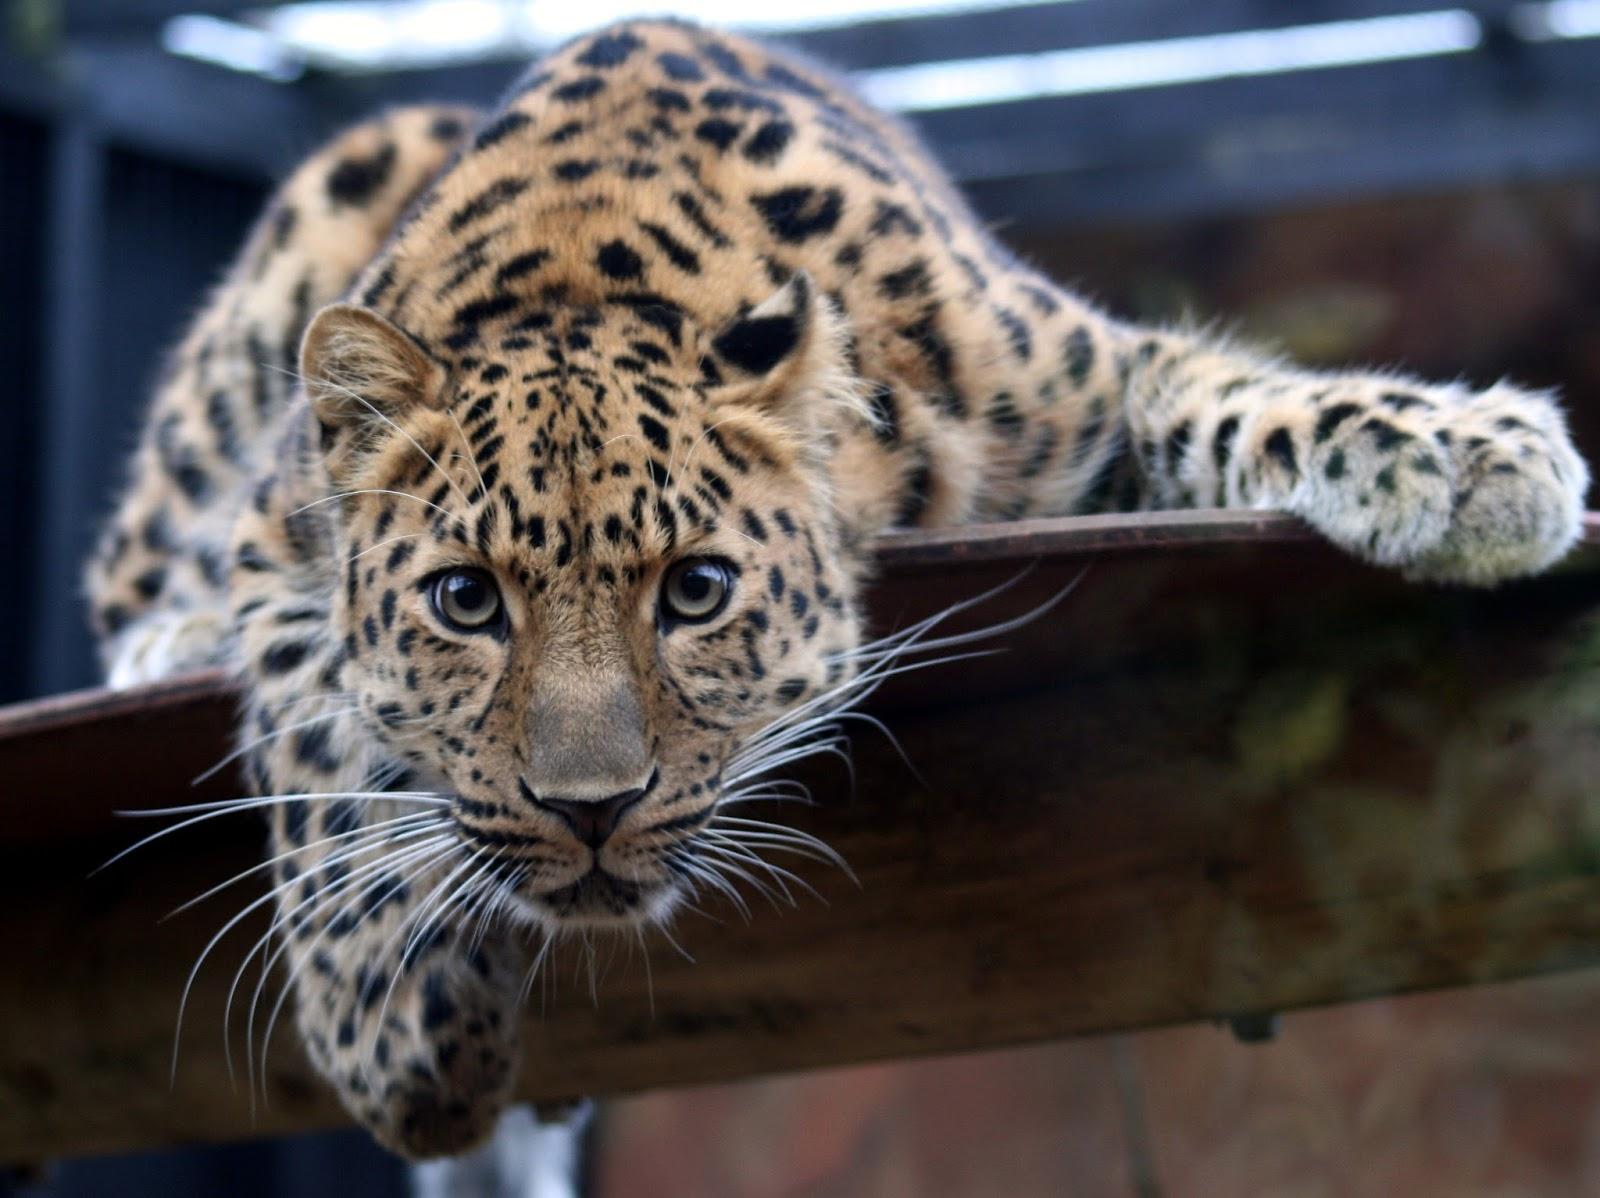 Inilah Daftar 10 Hewan Paling Langka Di Dunia Saat Ini Sejujurnya Com